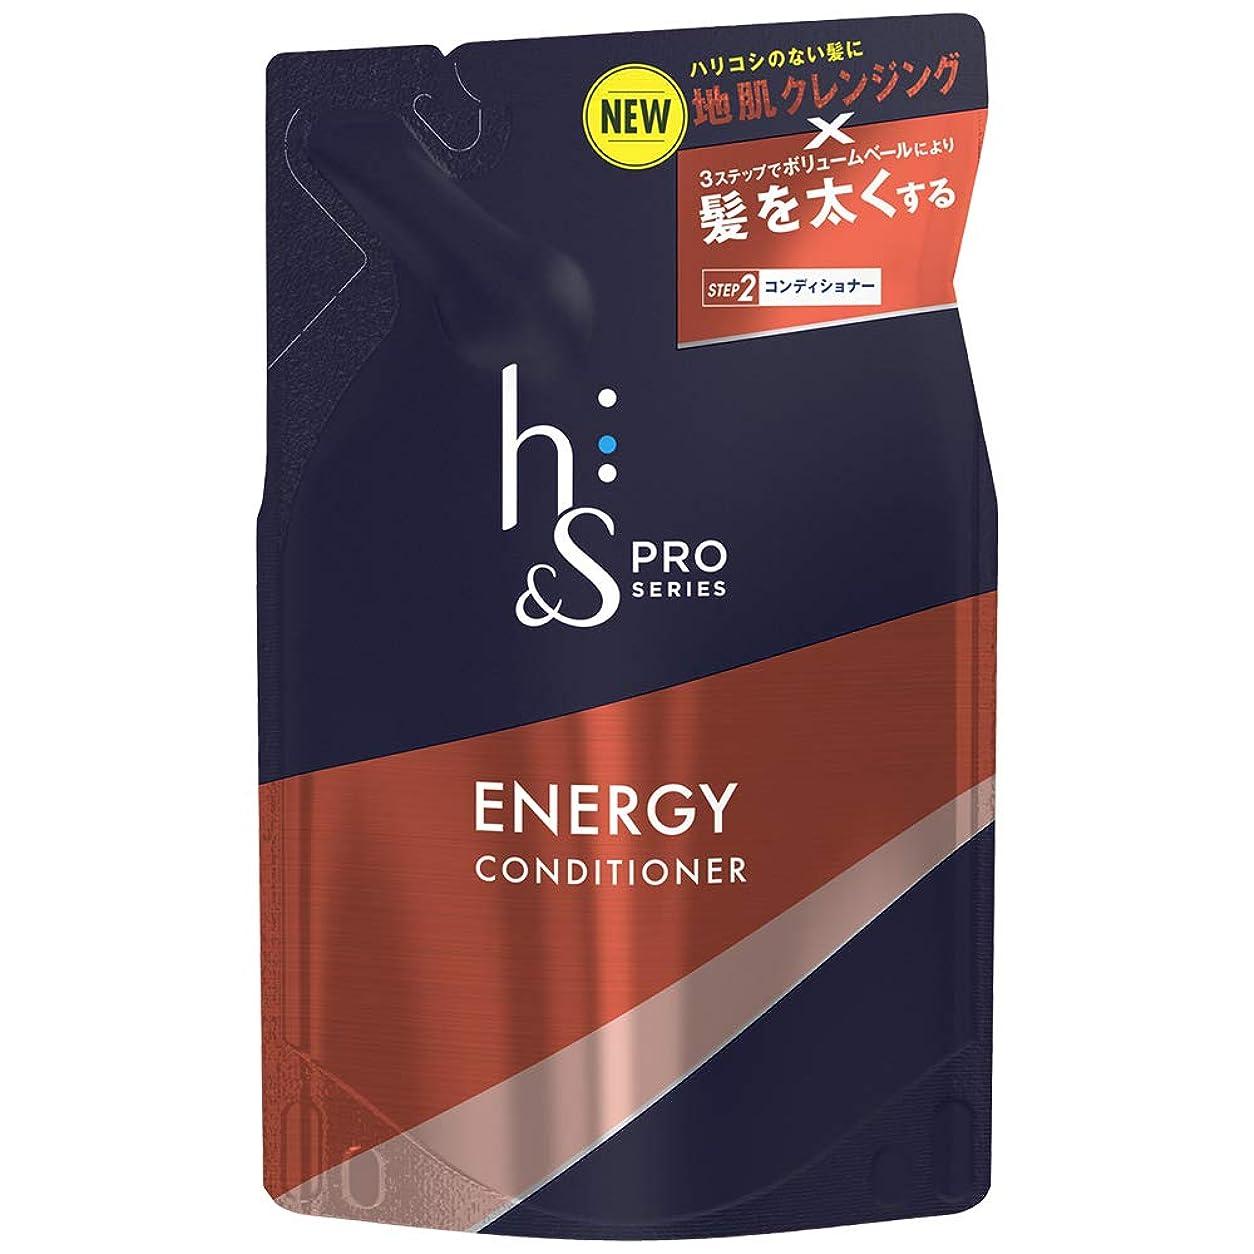 エージェントギネス理容師h&s PRO (エイチアンドエス プロ) メンズ コンディショナー エナジー 詰め替え (ボリューム重視) 300g